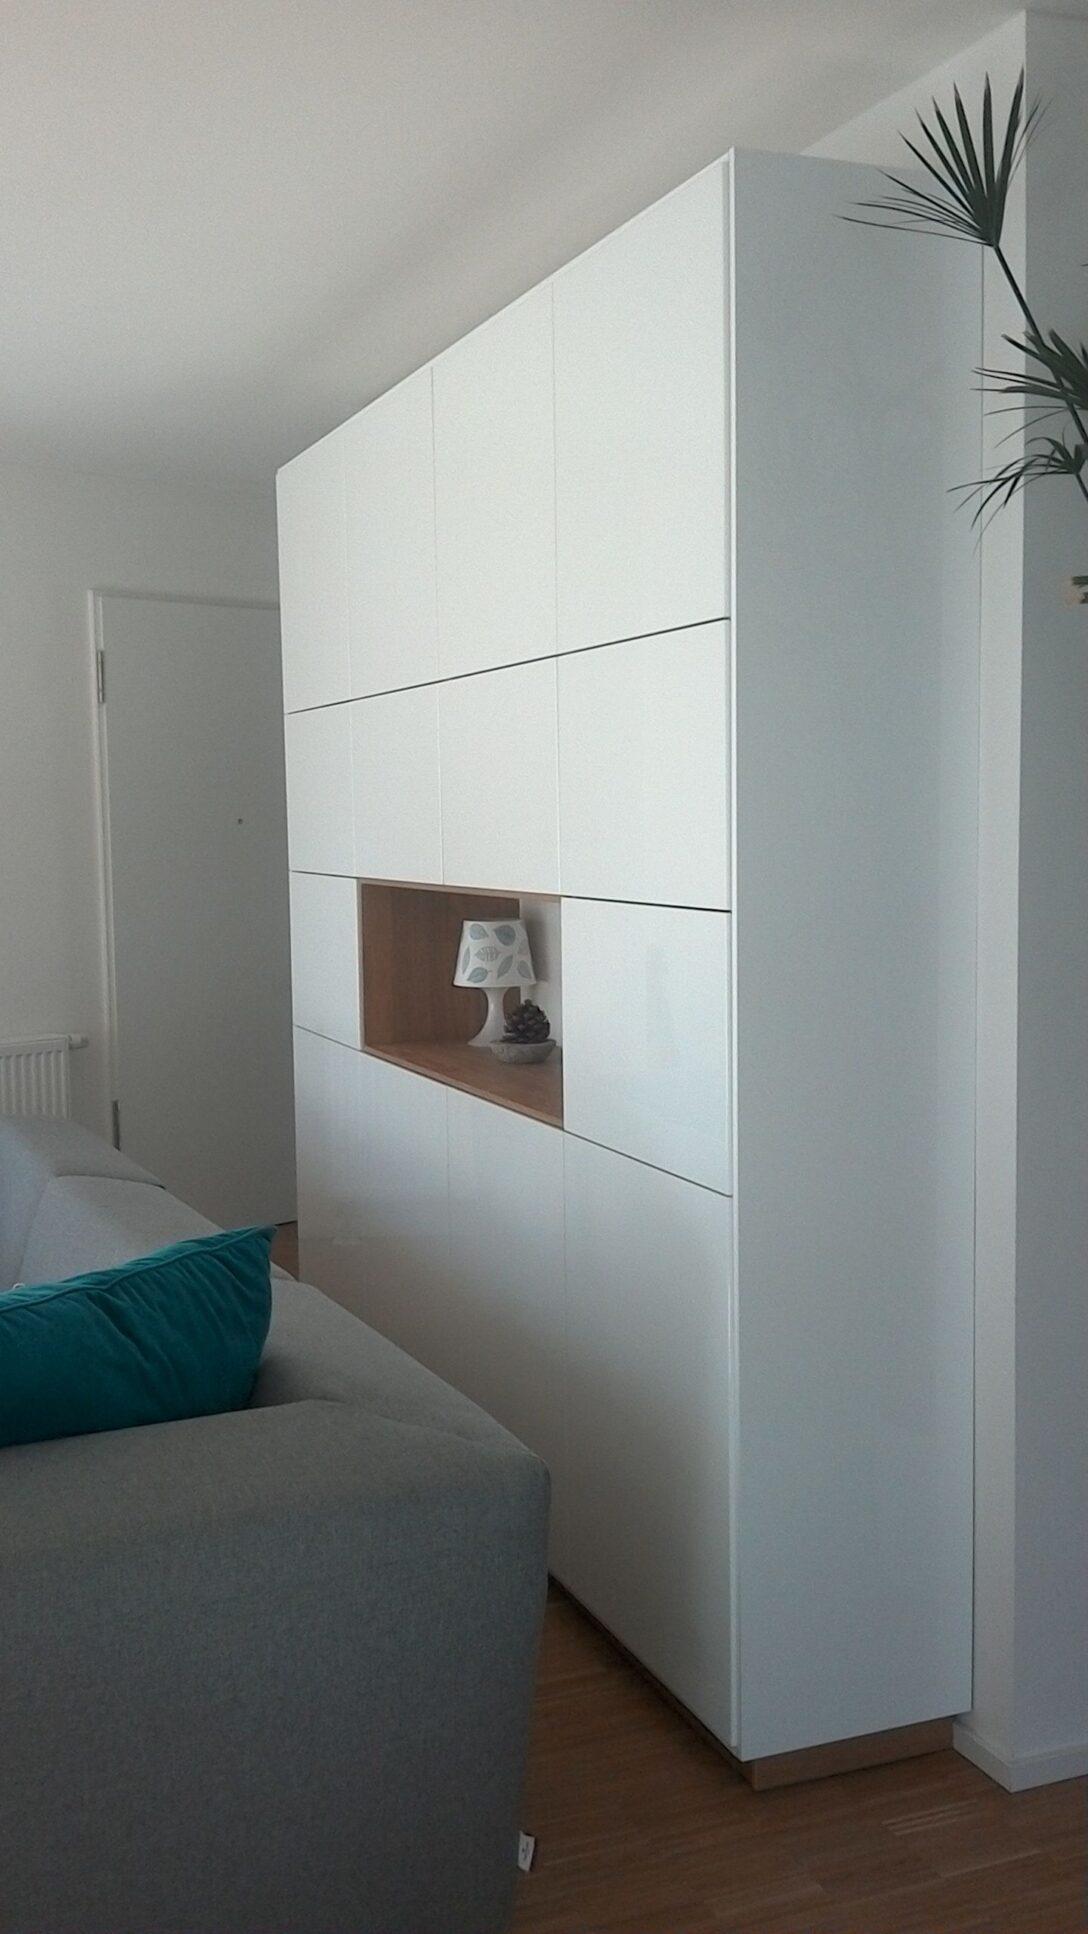 Large Size of Wohnzimmerschränke Ikea Method Ringhult Plus Hyttan Als Wohnzimmerschrank Sofa Mit Schlaffunktion Küche Kaufen Betten Bei Miniküche Modulküche 160x200 Wohnzimmer Wohnzimmerschränke Ikea